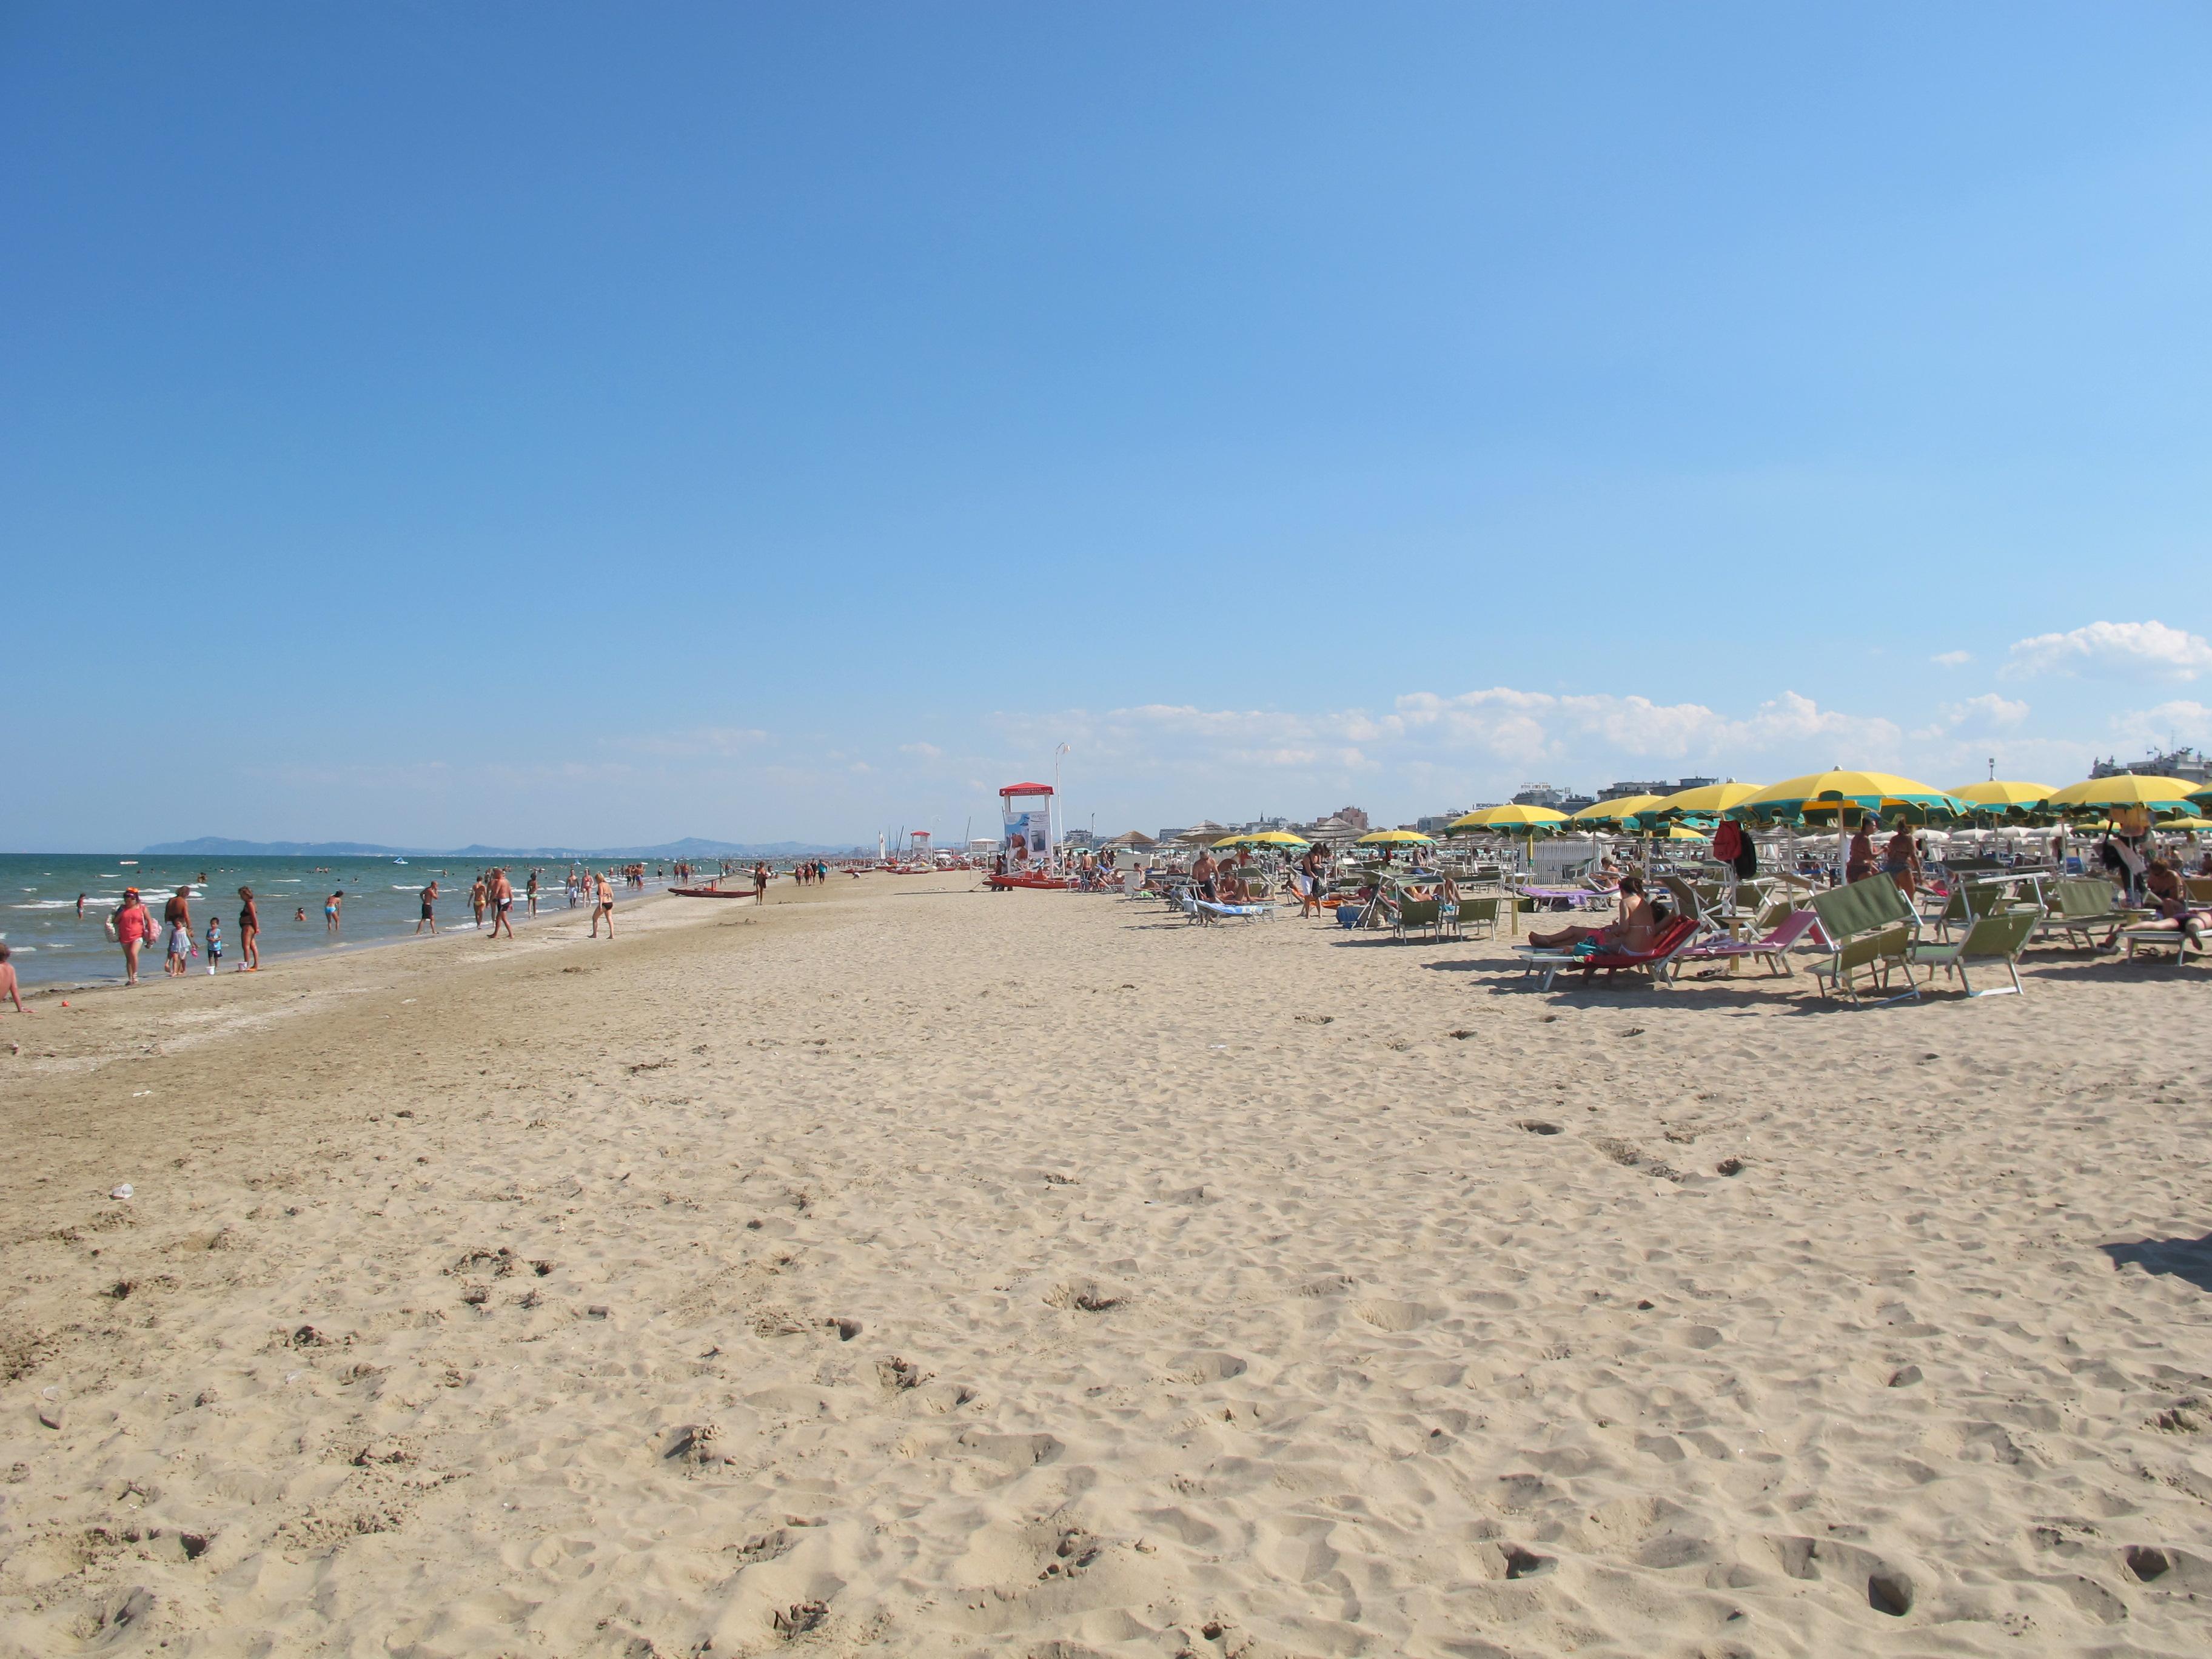 Matrimonio Spiaggia Misano Adriatico : Bagni misano adriatico e prezzi visit italy